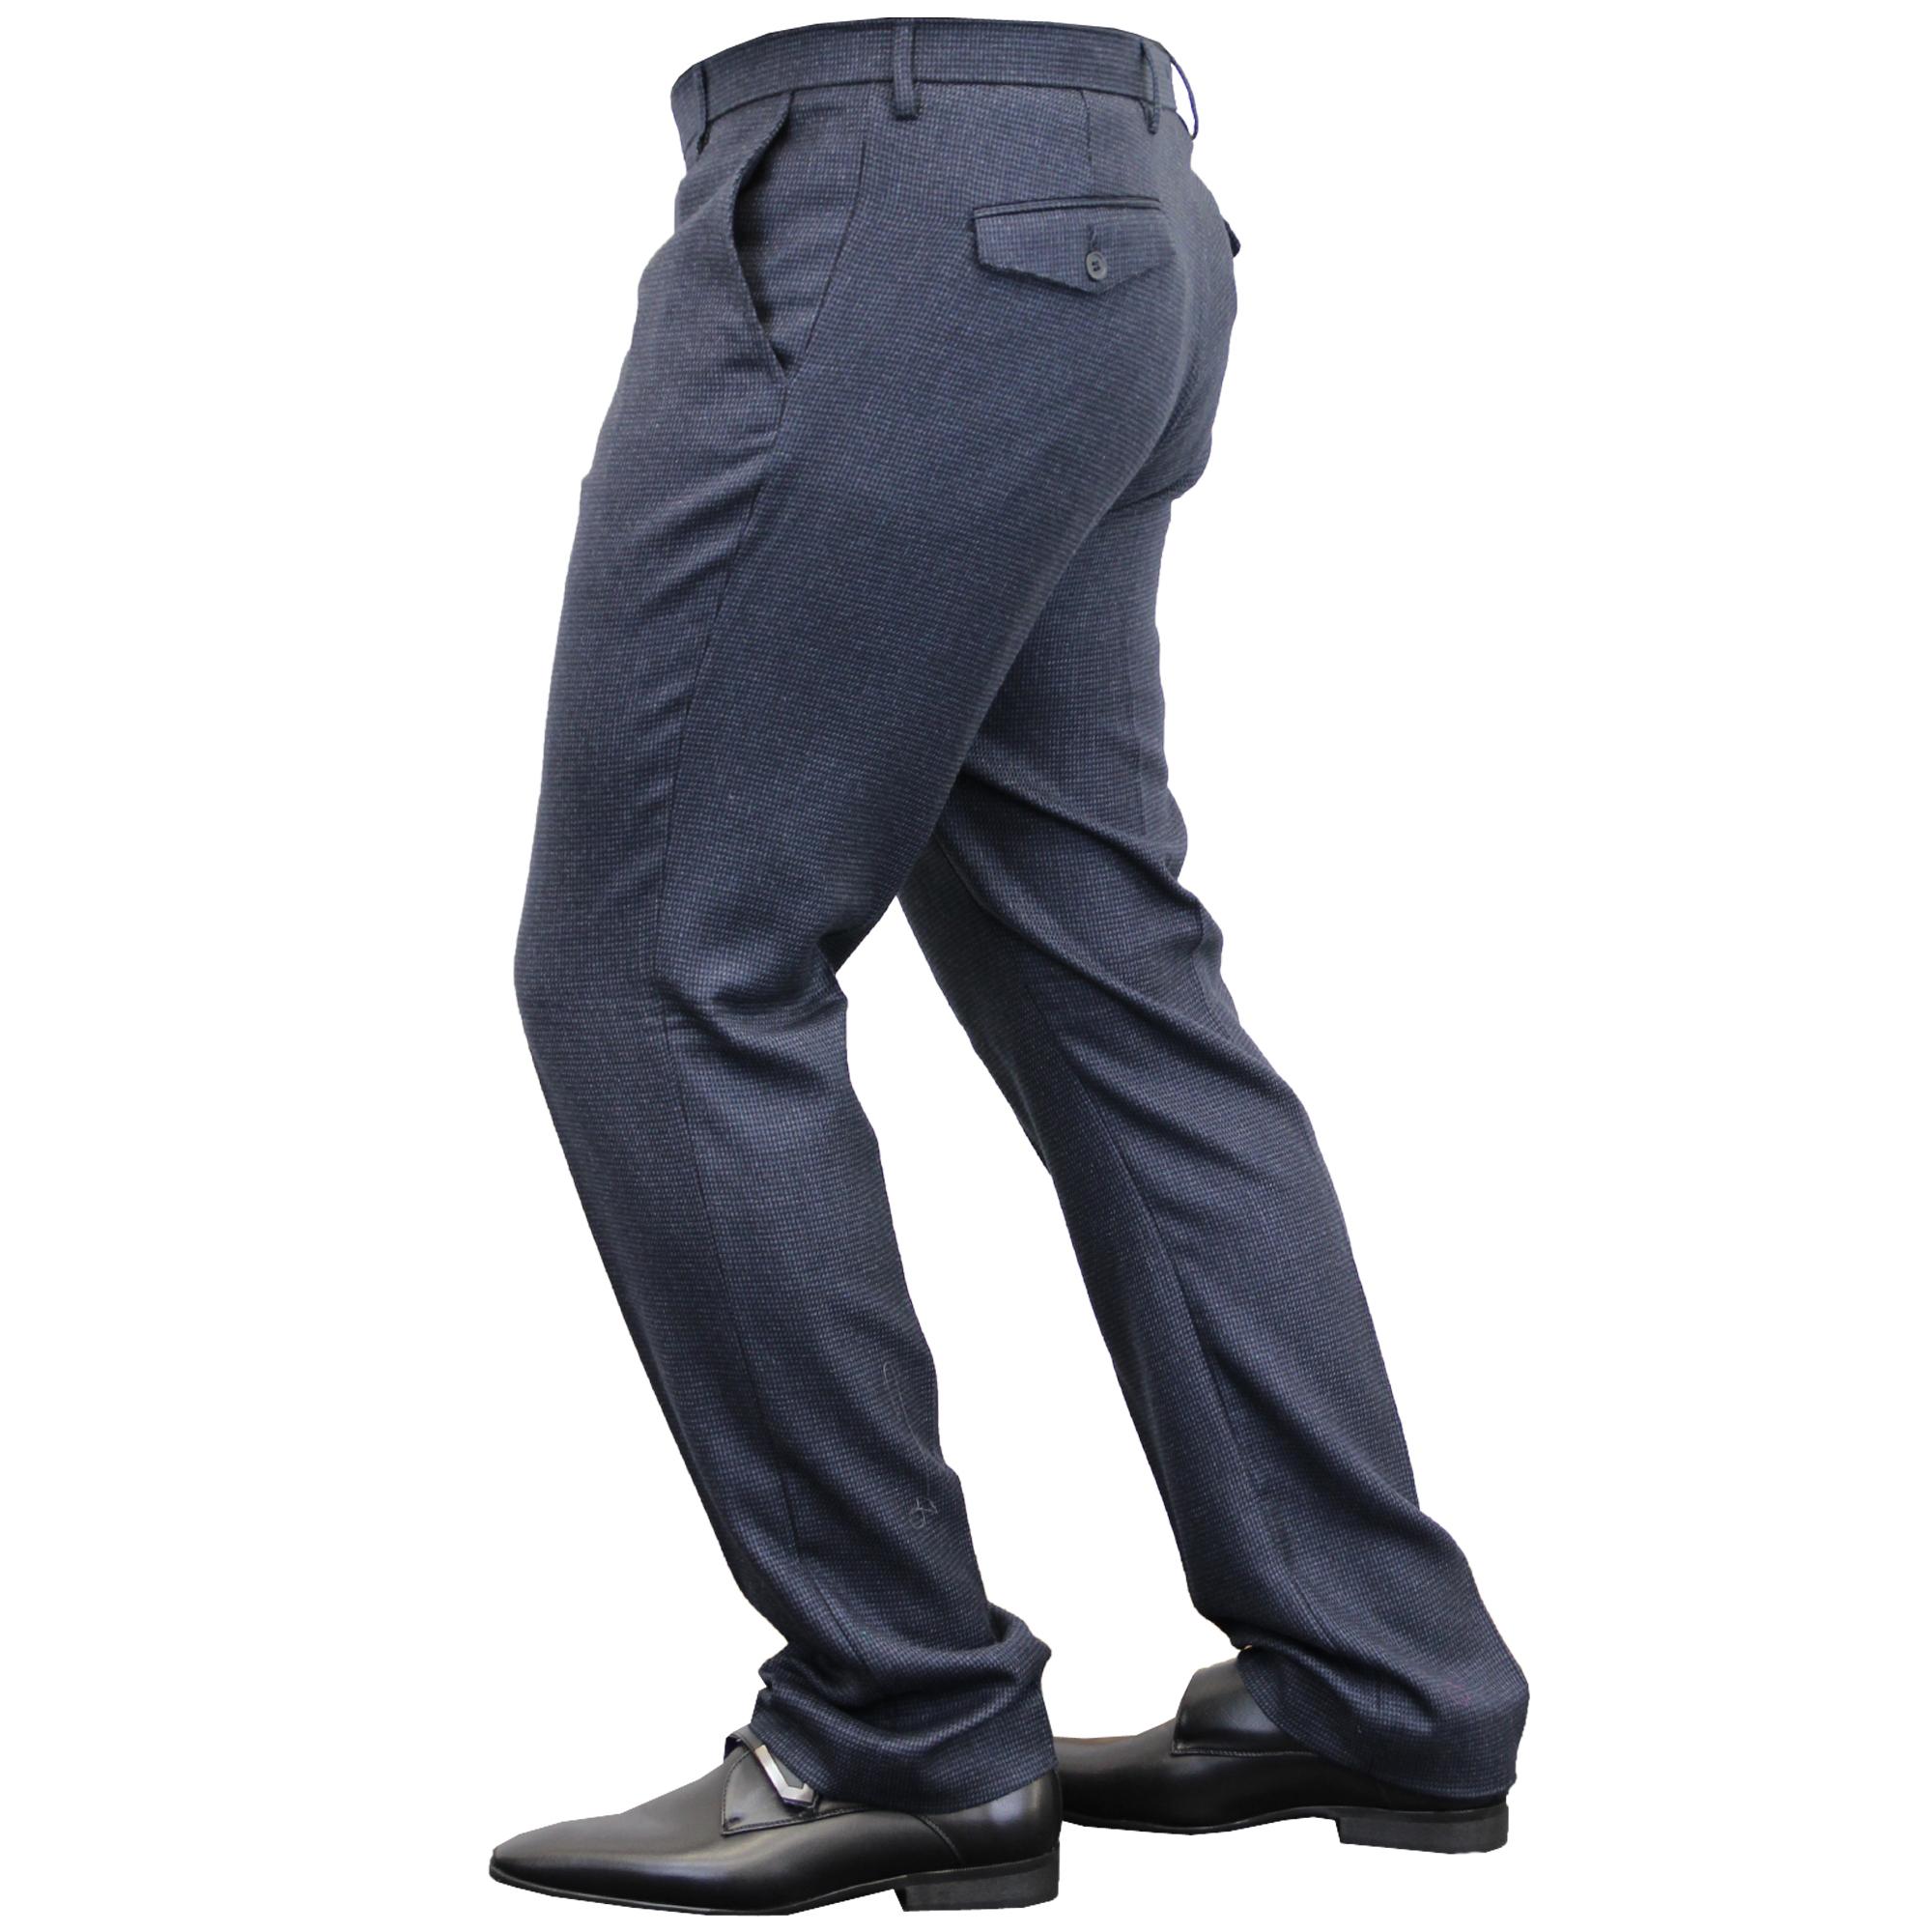 Mens Trouser Cavani Pants Formal Wedding Office Work